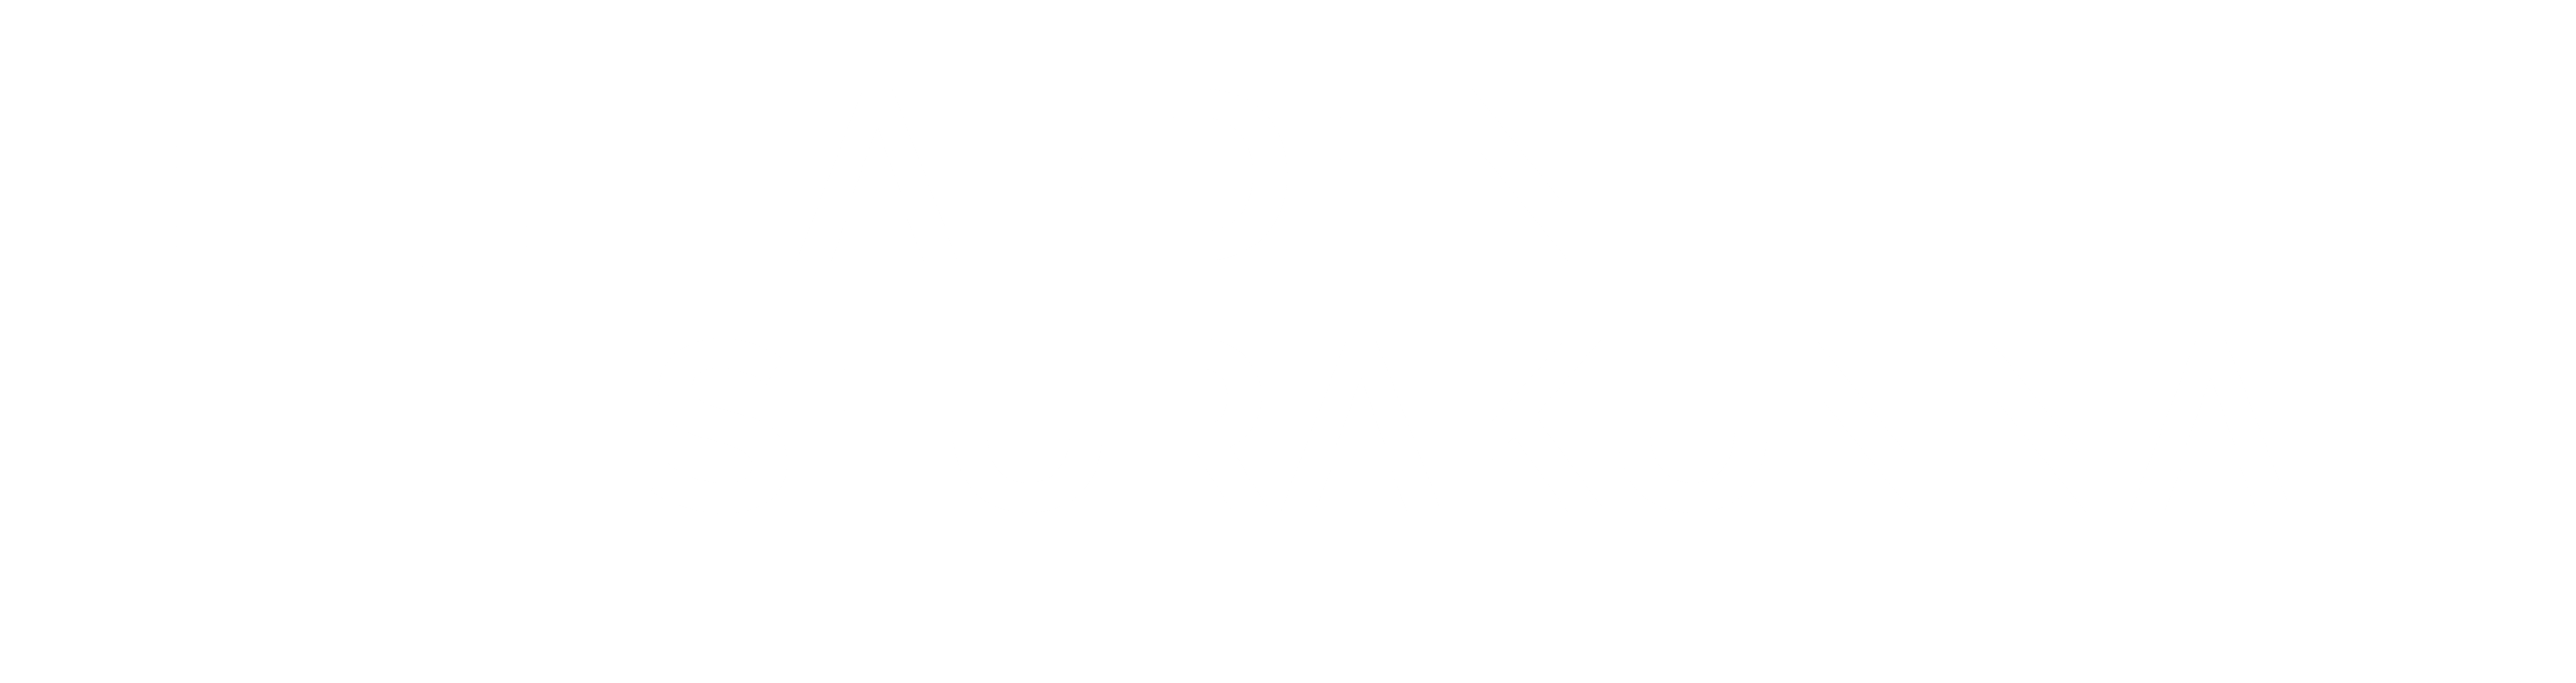 Lahden seurakuntien logo